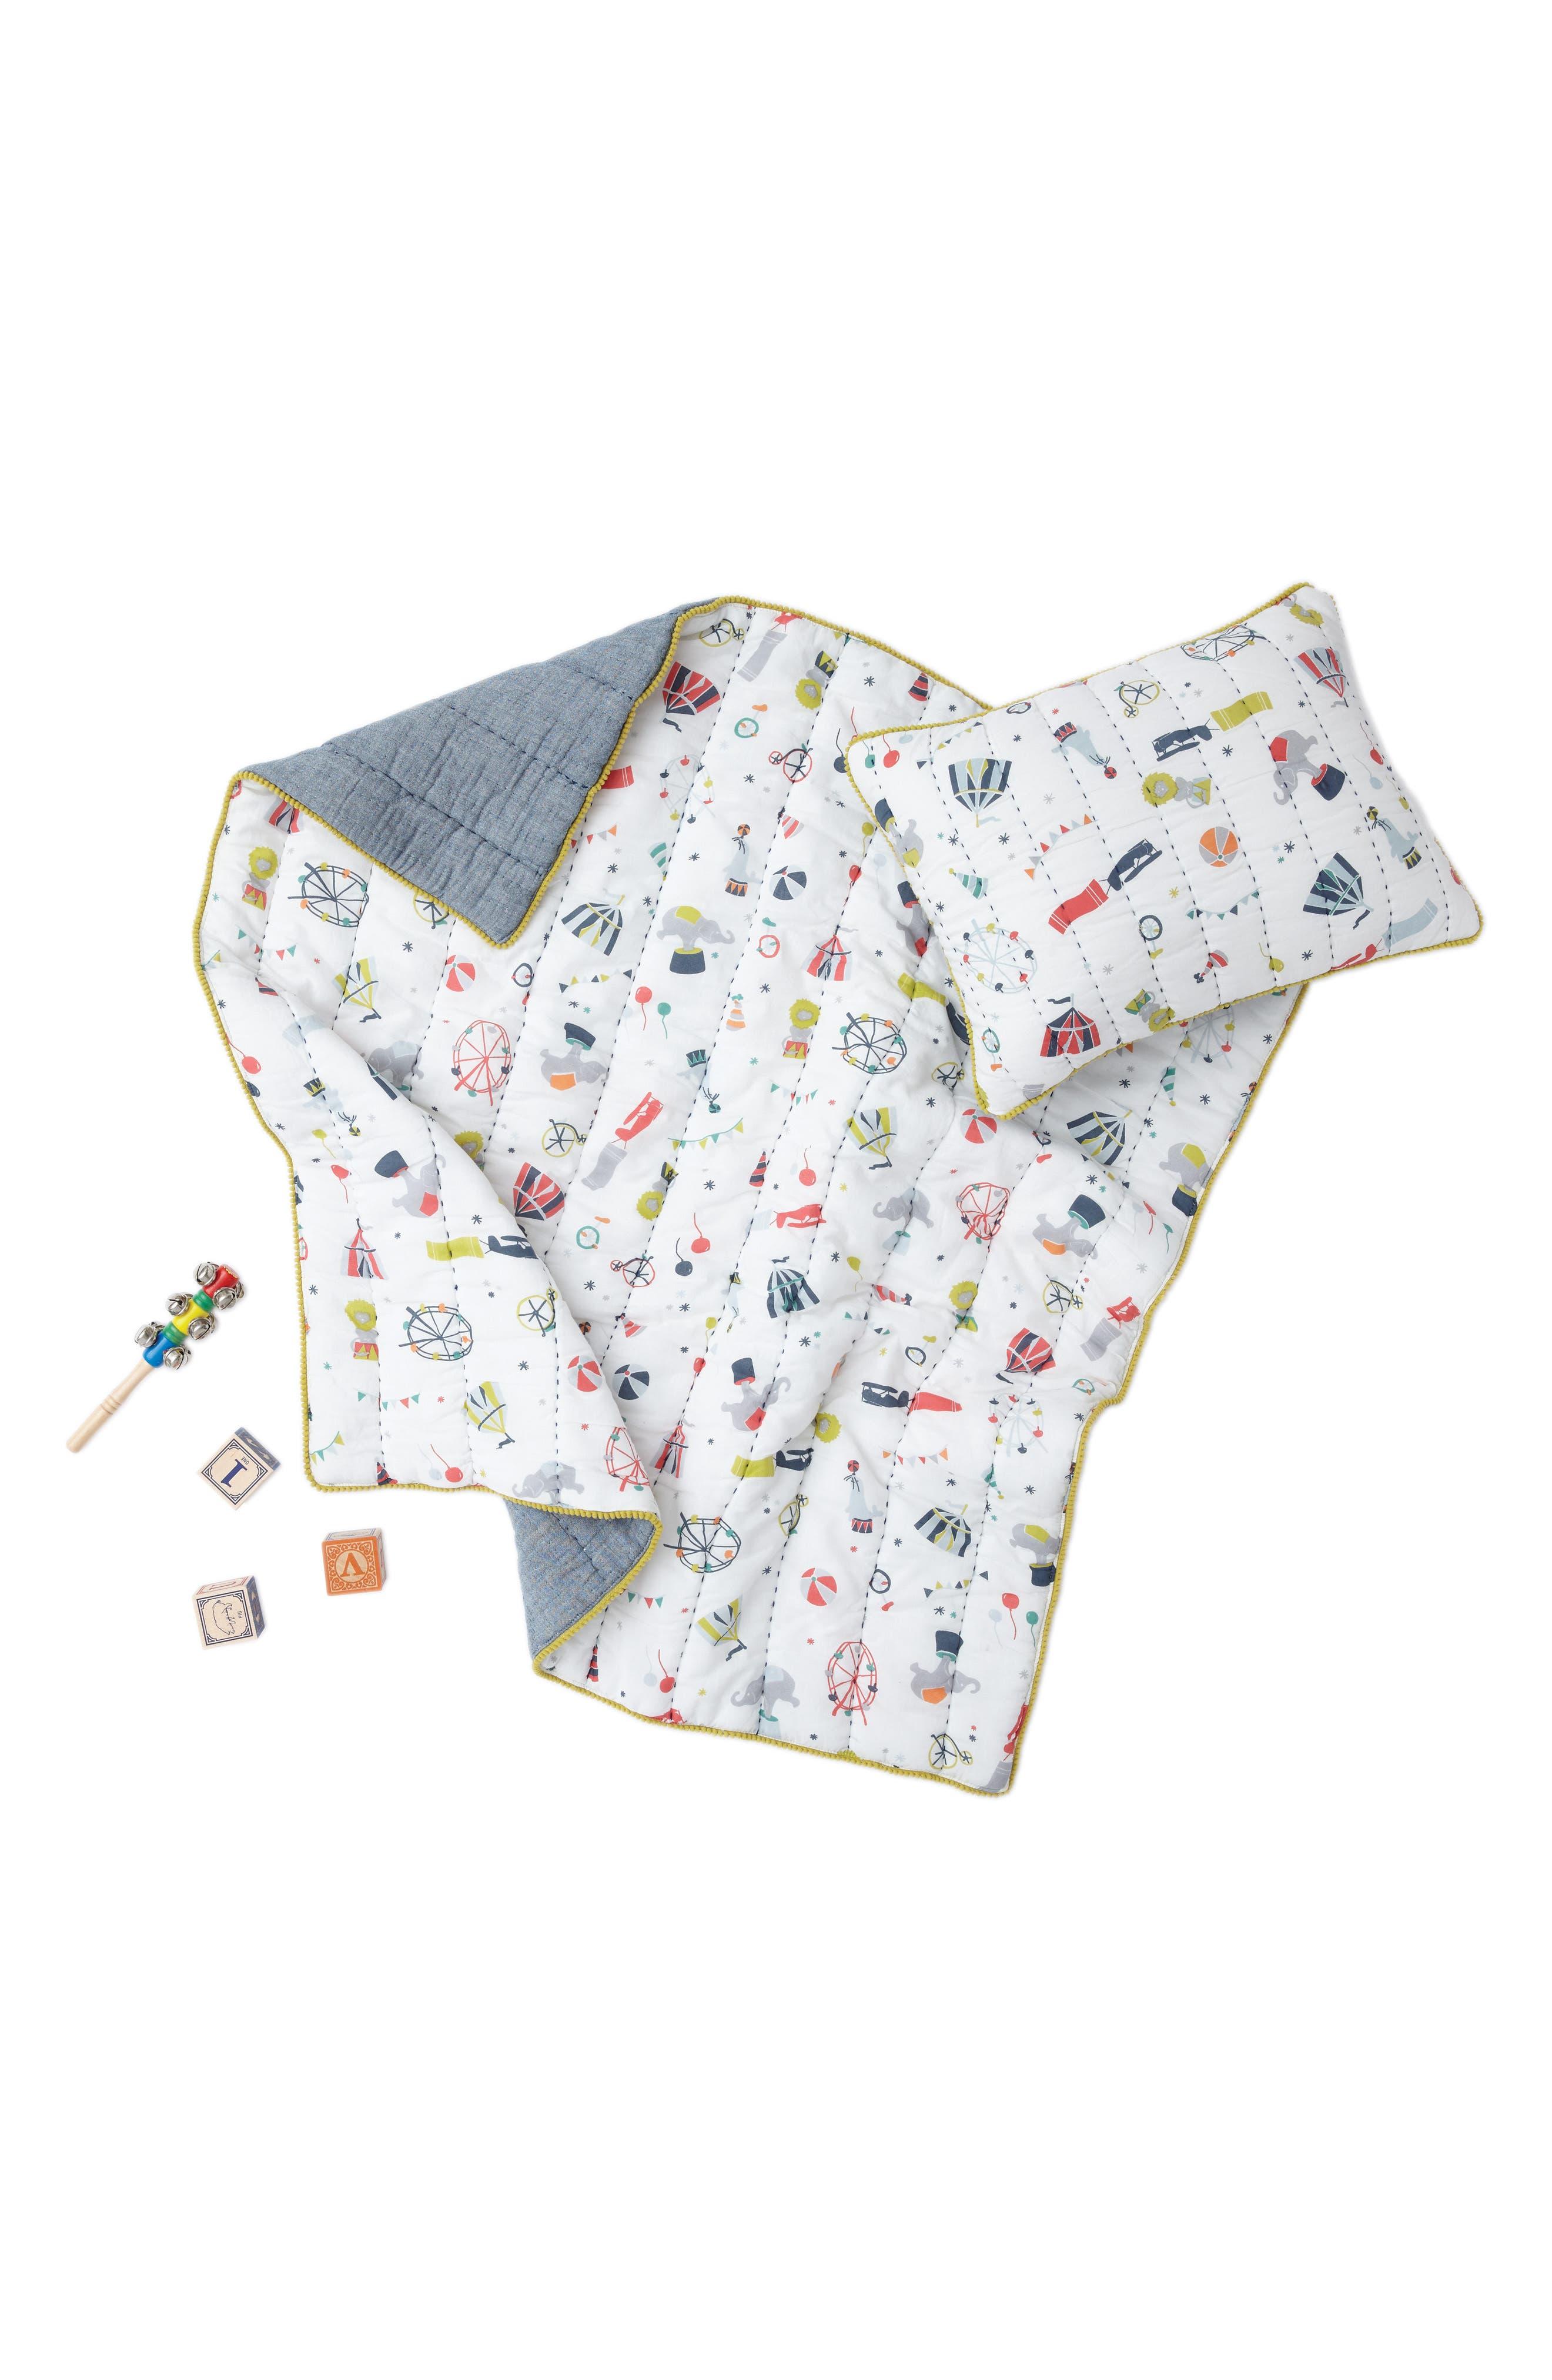 Alternate Image 1 Selected - Petit Pehr Big Top Print Quilt